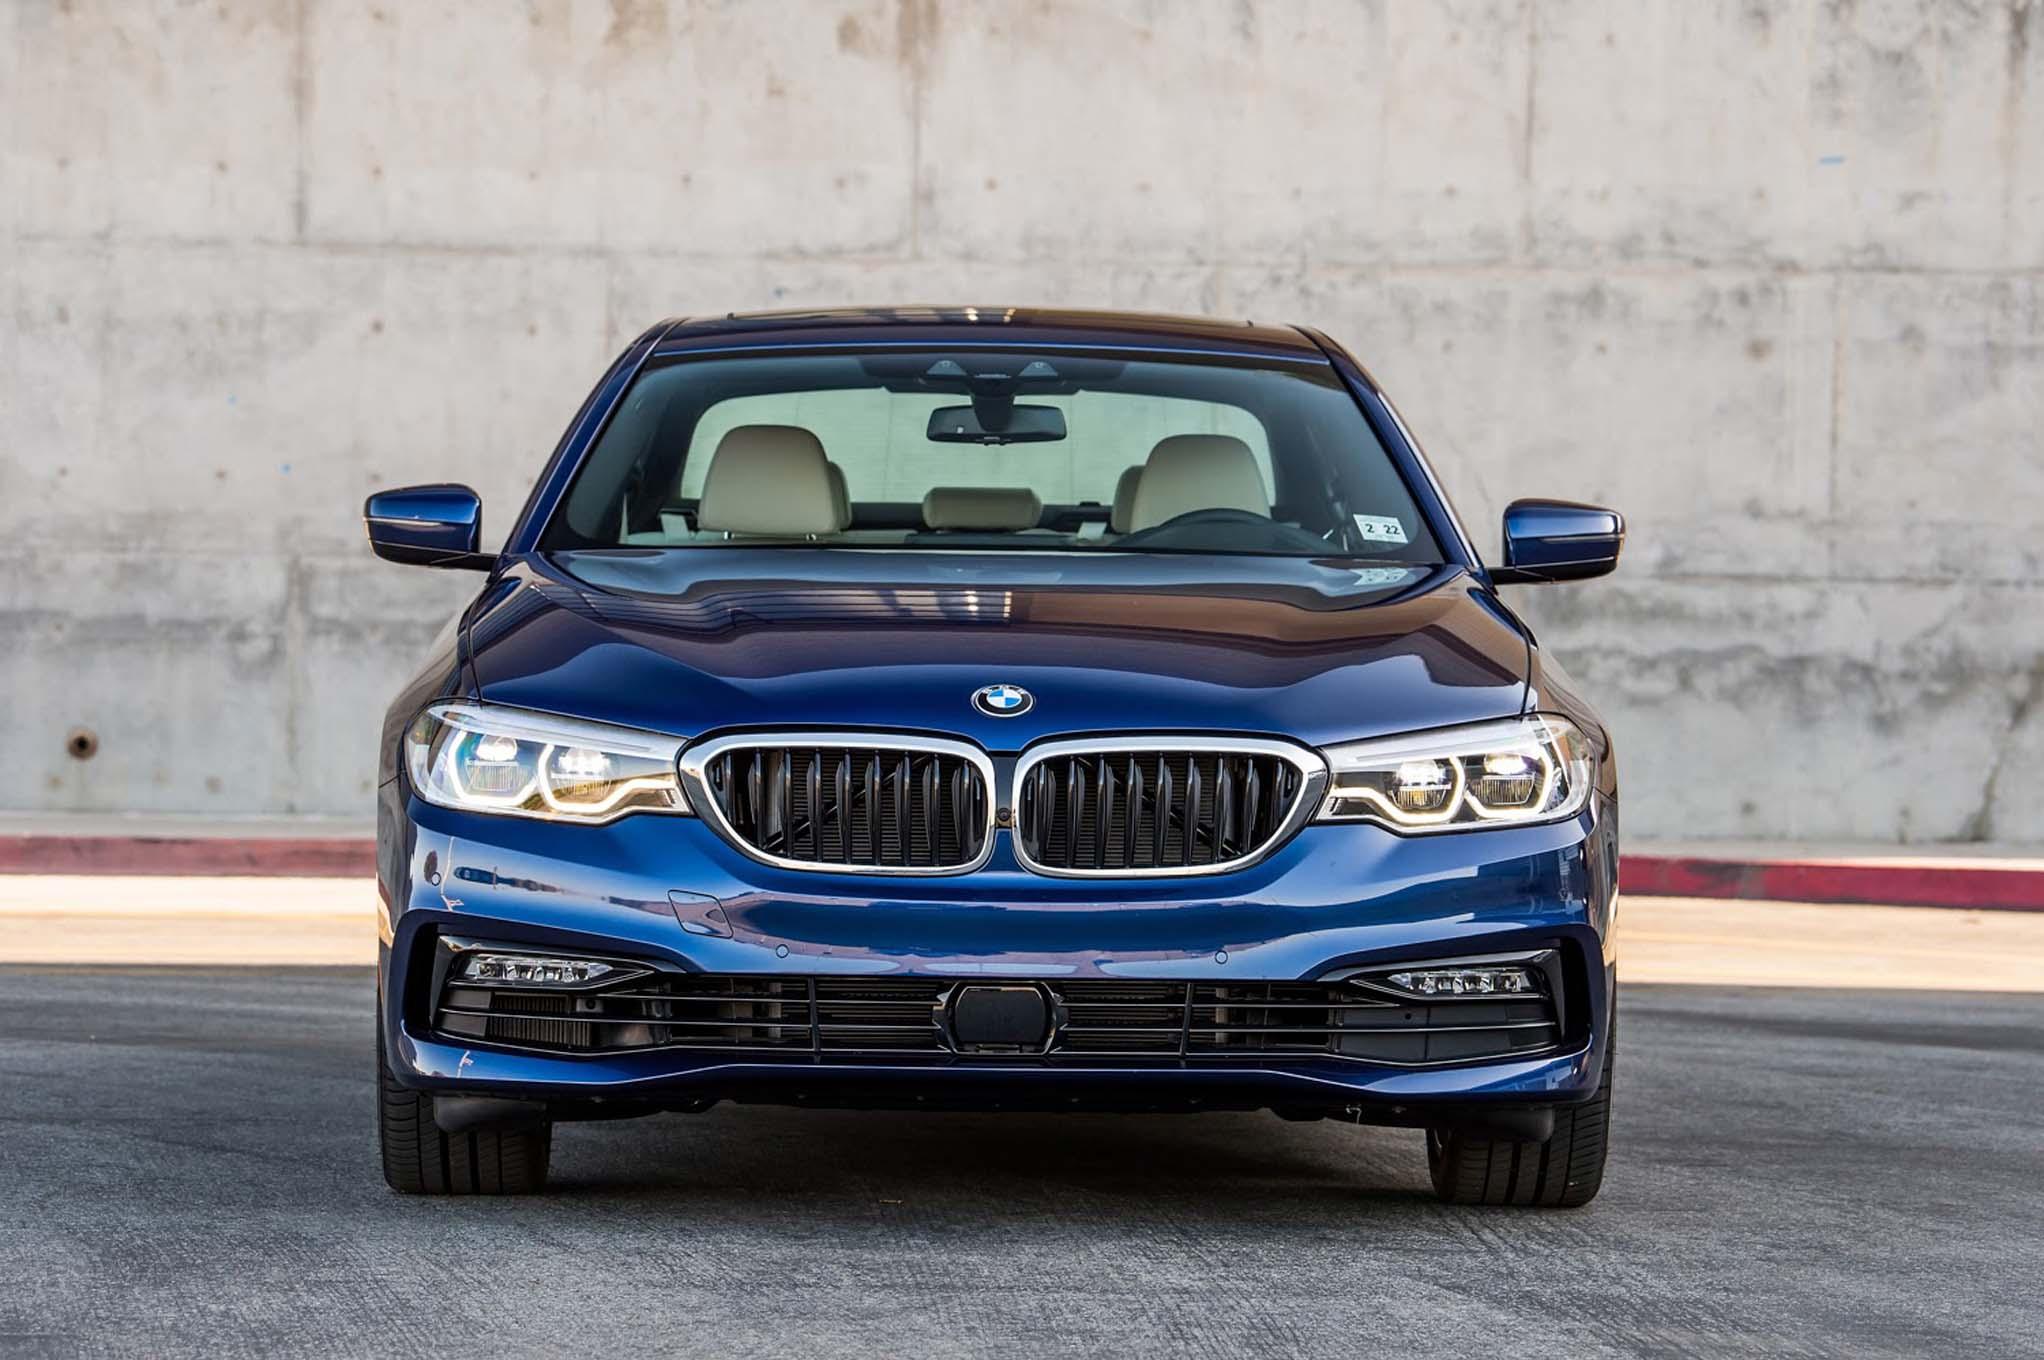 bmw 530i model 2018 in saudi arabia at a fantastic price BMW 530i Model 2018 in Saudi Arabia at a fantastic price  D9 88 D8 A7 D8 AC D9 87 D8 A9 D8 A8 D9 8A  D8 A7 D9 85  D8 AF D8 A8 D9 84 D9 8A D9 88 530i 2018